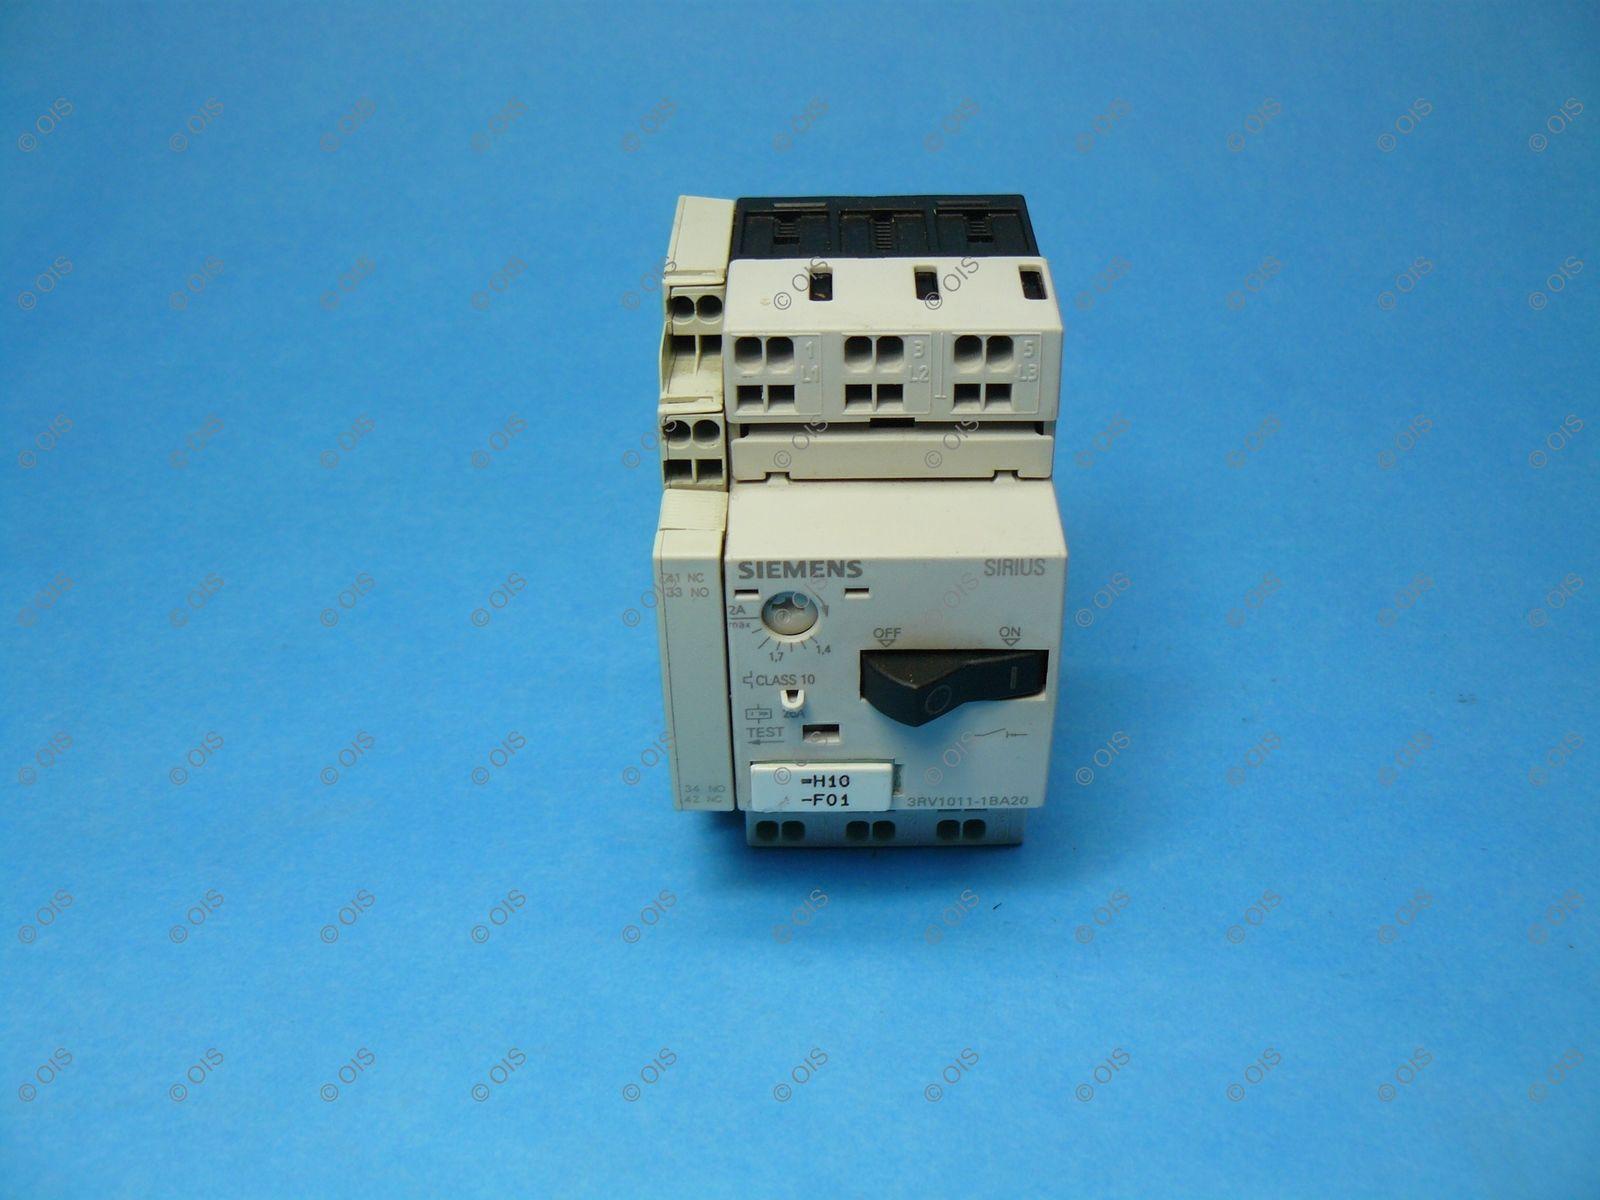 Siemens 3RV10111BA20 IEC Manual Motor and similar items